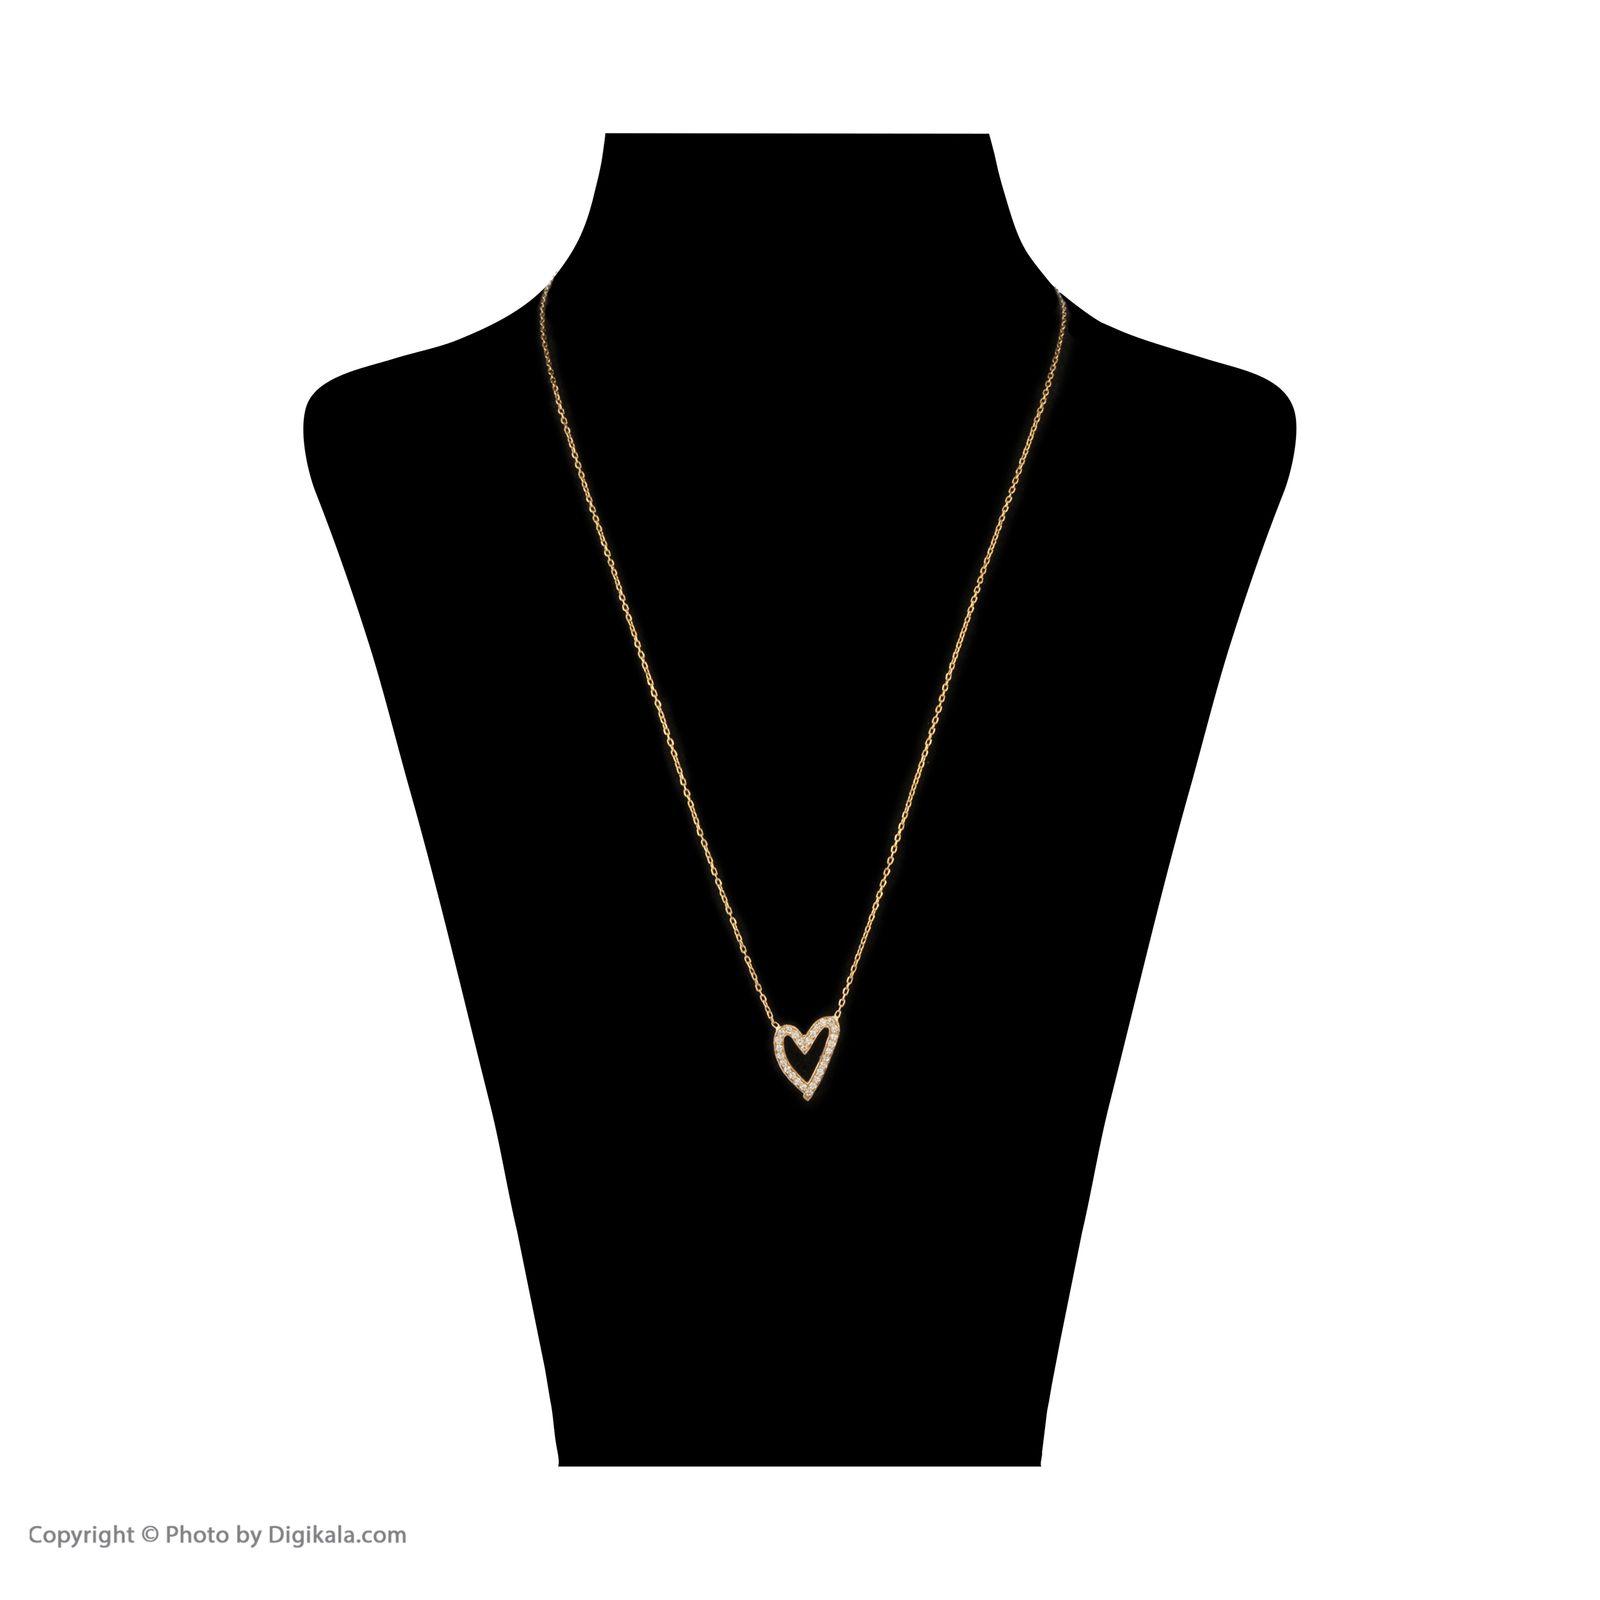 گردنبند طلا 18 عیار زنانه سنجاق مدل X082154 -  - 3